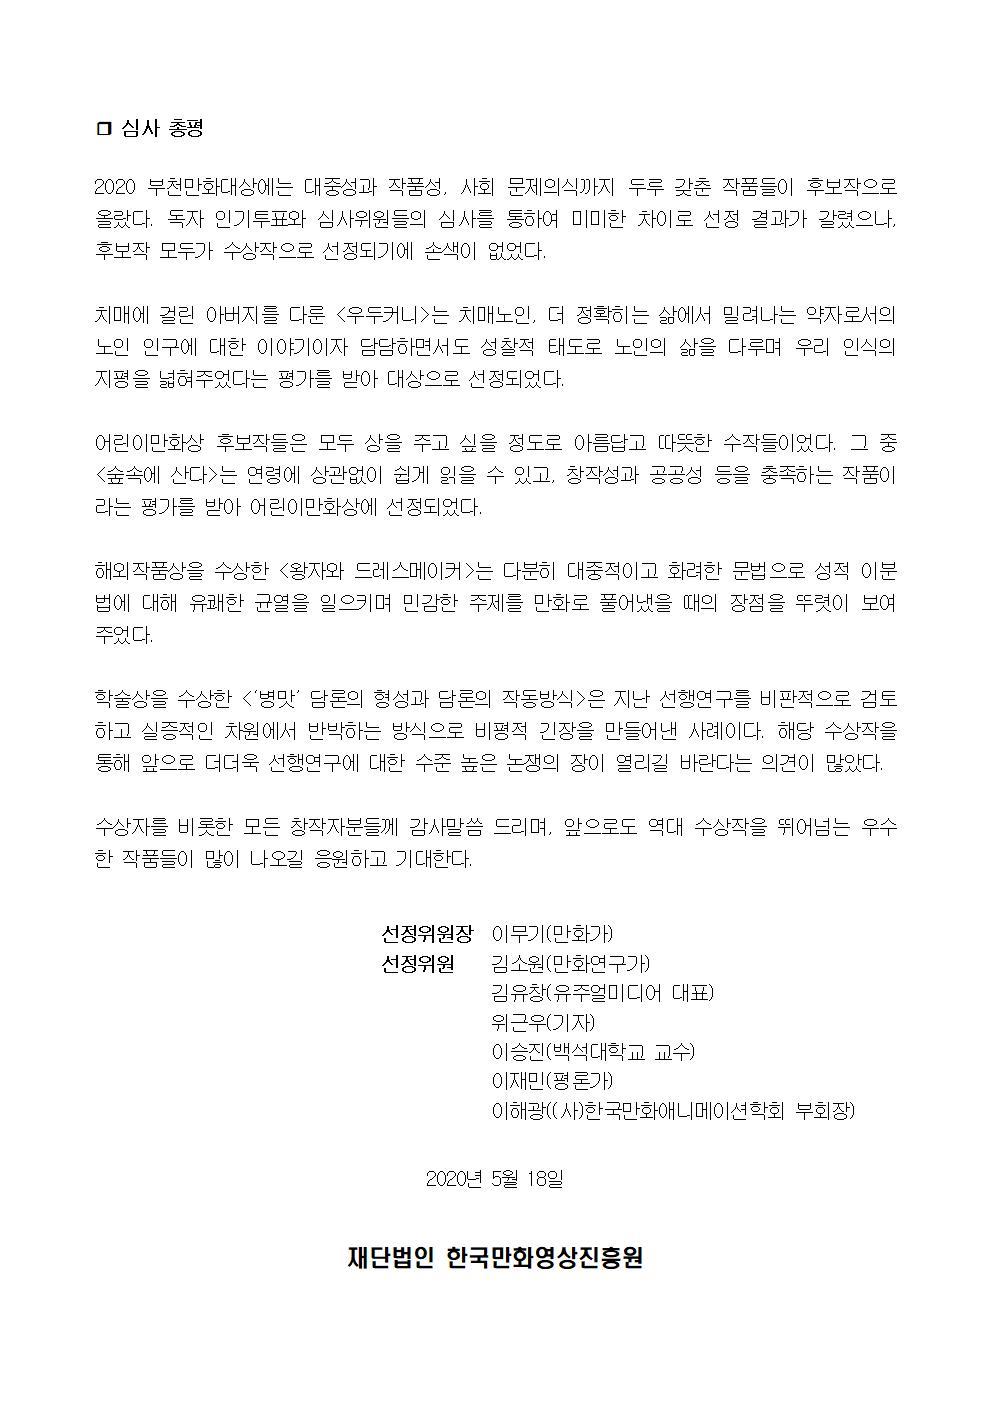 2020 부천만화대상 최종 수상작 결과 공고문002.jpg